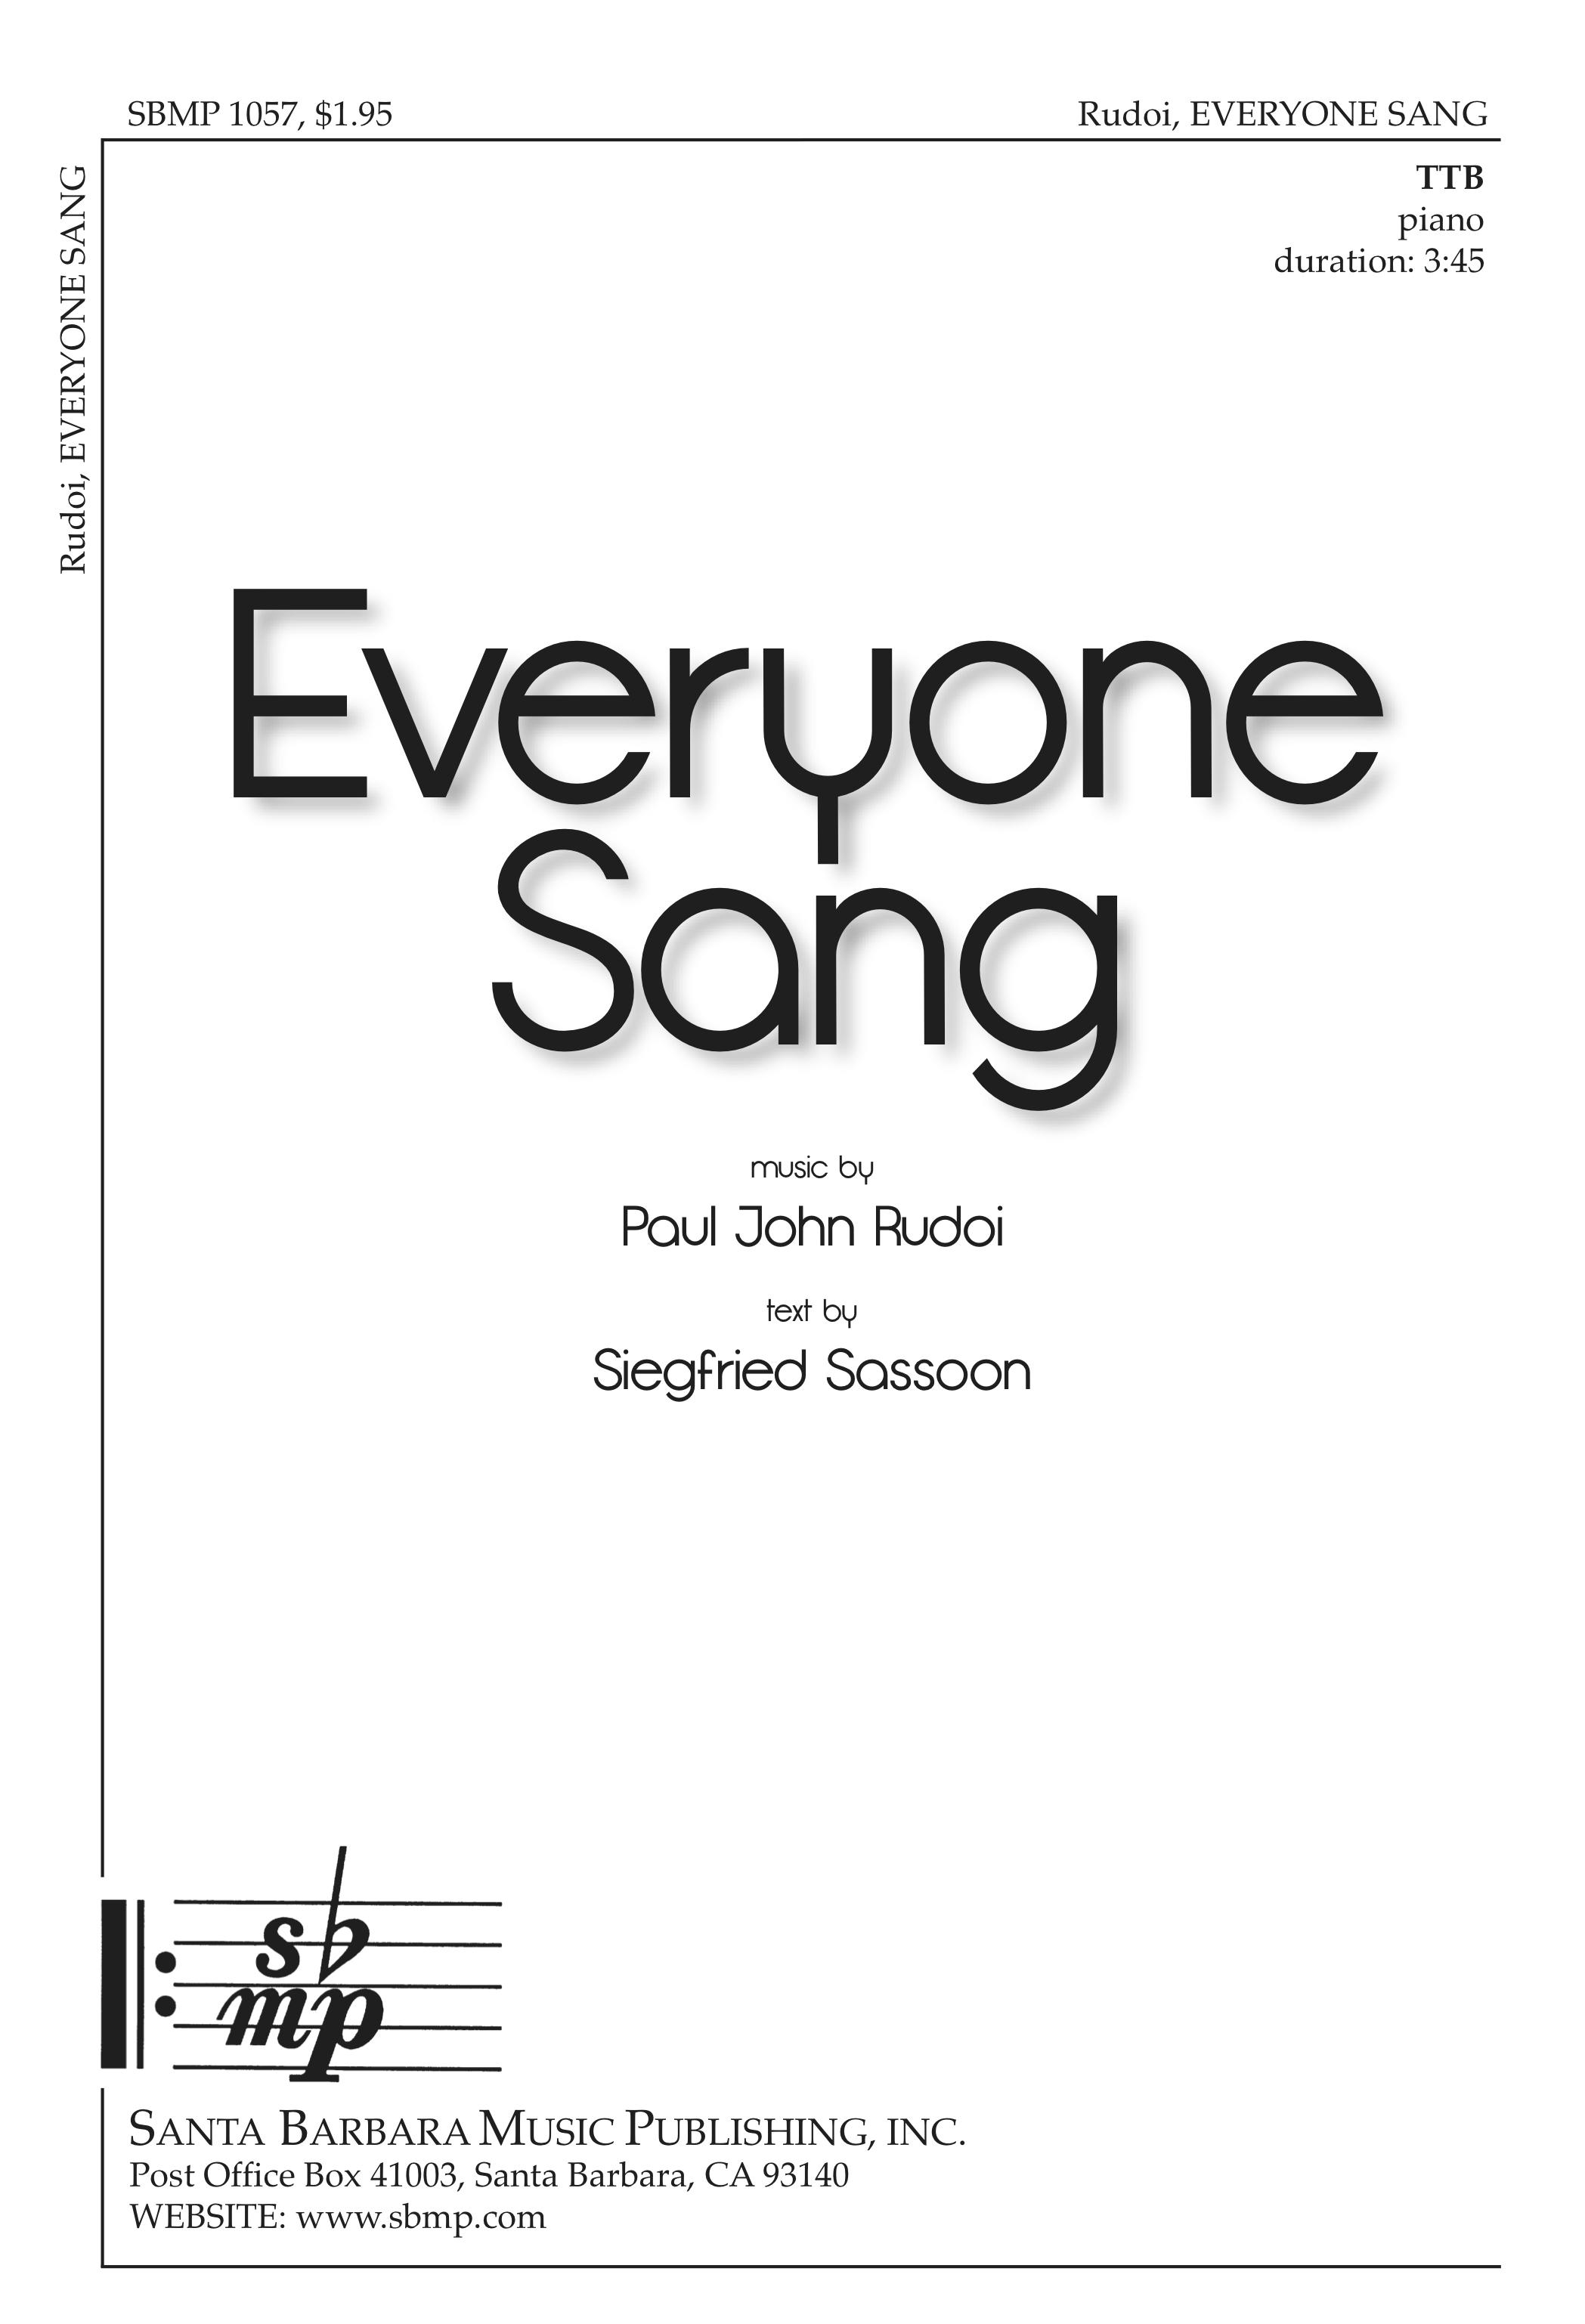 1057 Everyone Sang Cover.jpg